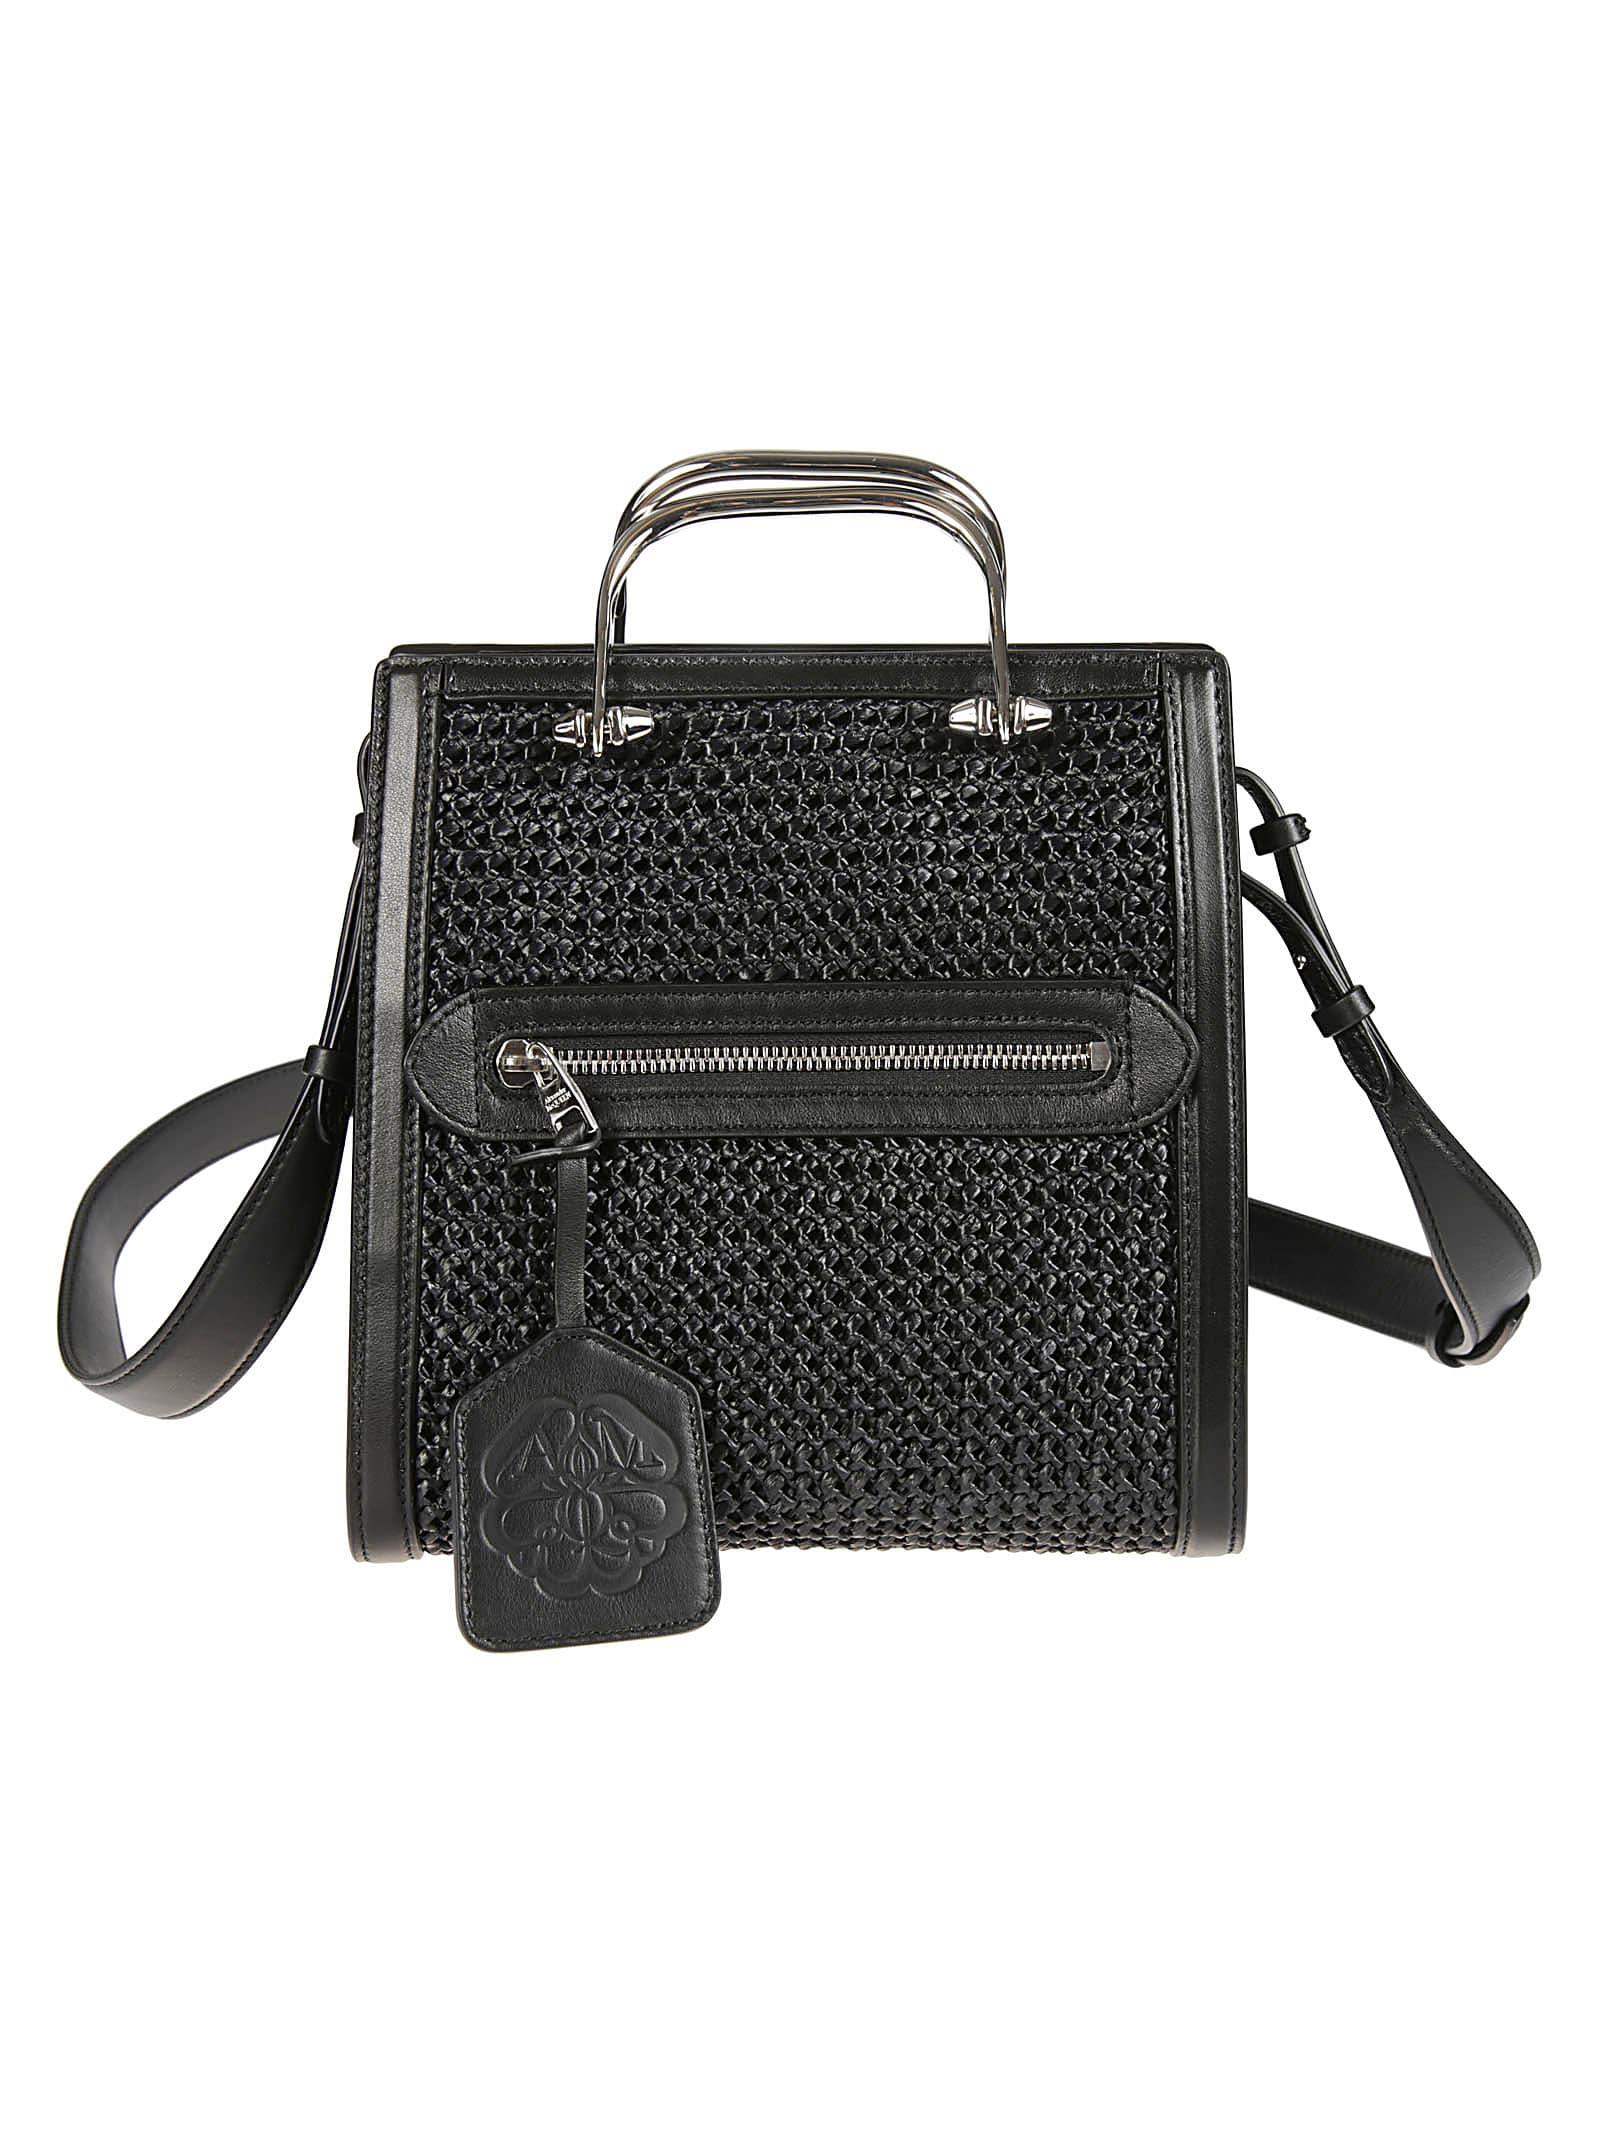 Alexander Mcqueen Metal Handle Woven Shoulder Bag In Black